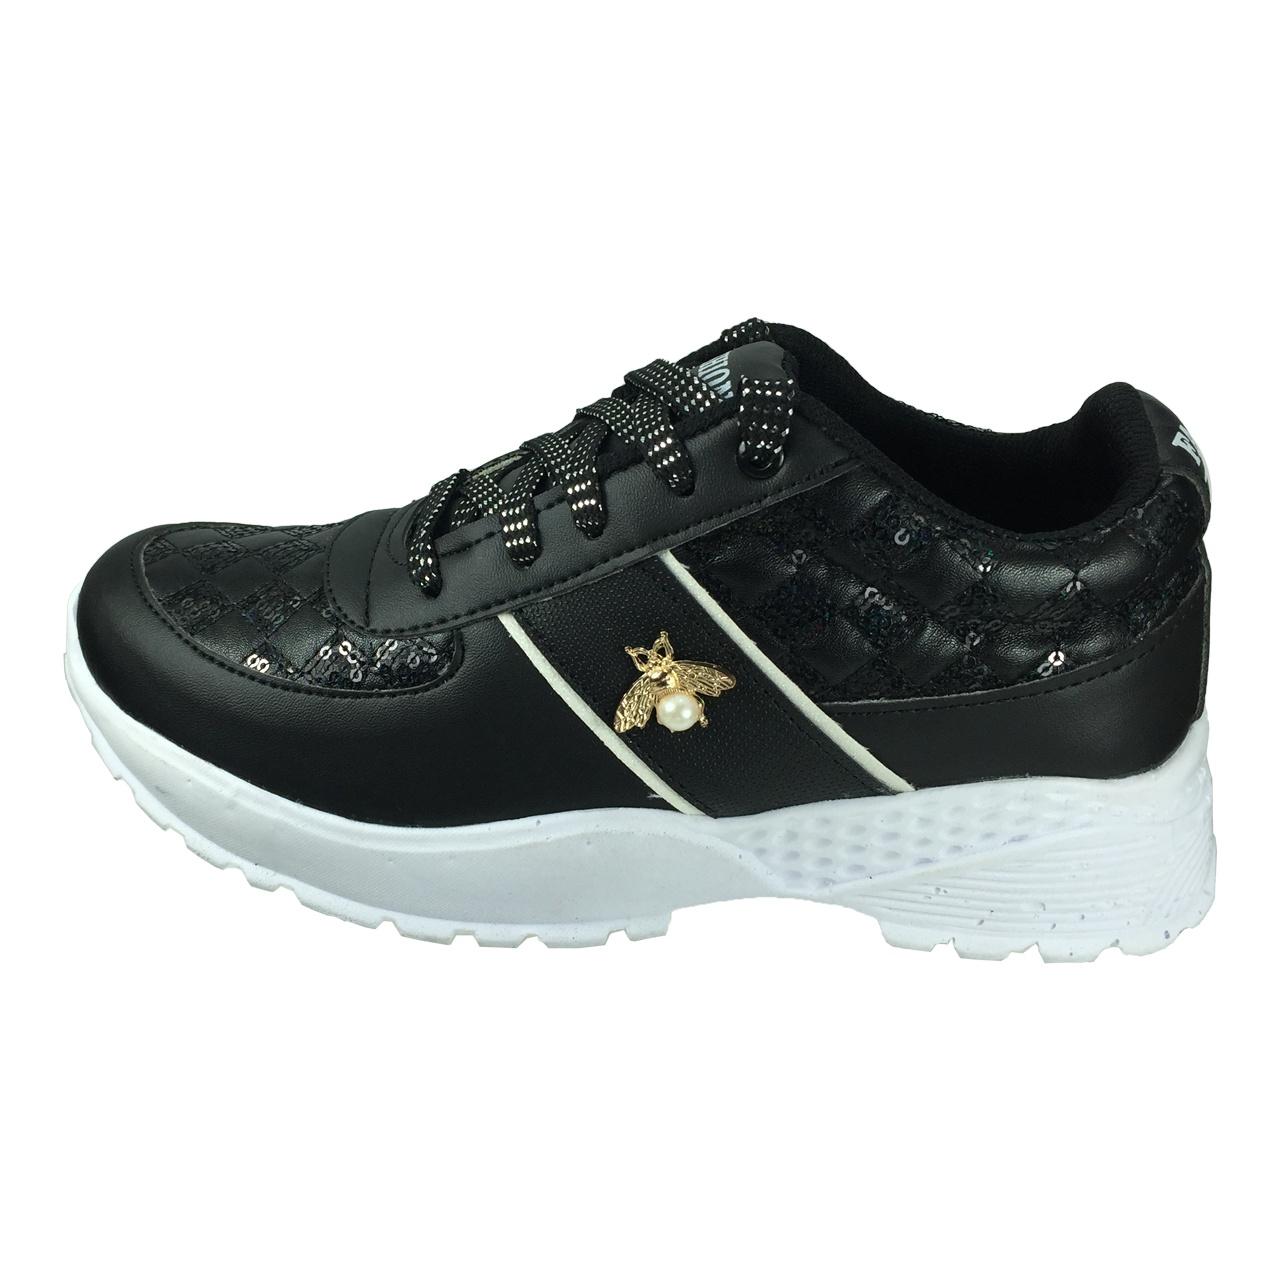 کفش زنانه مدل پولکی B415